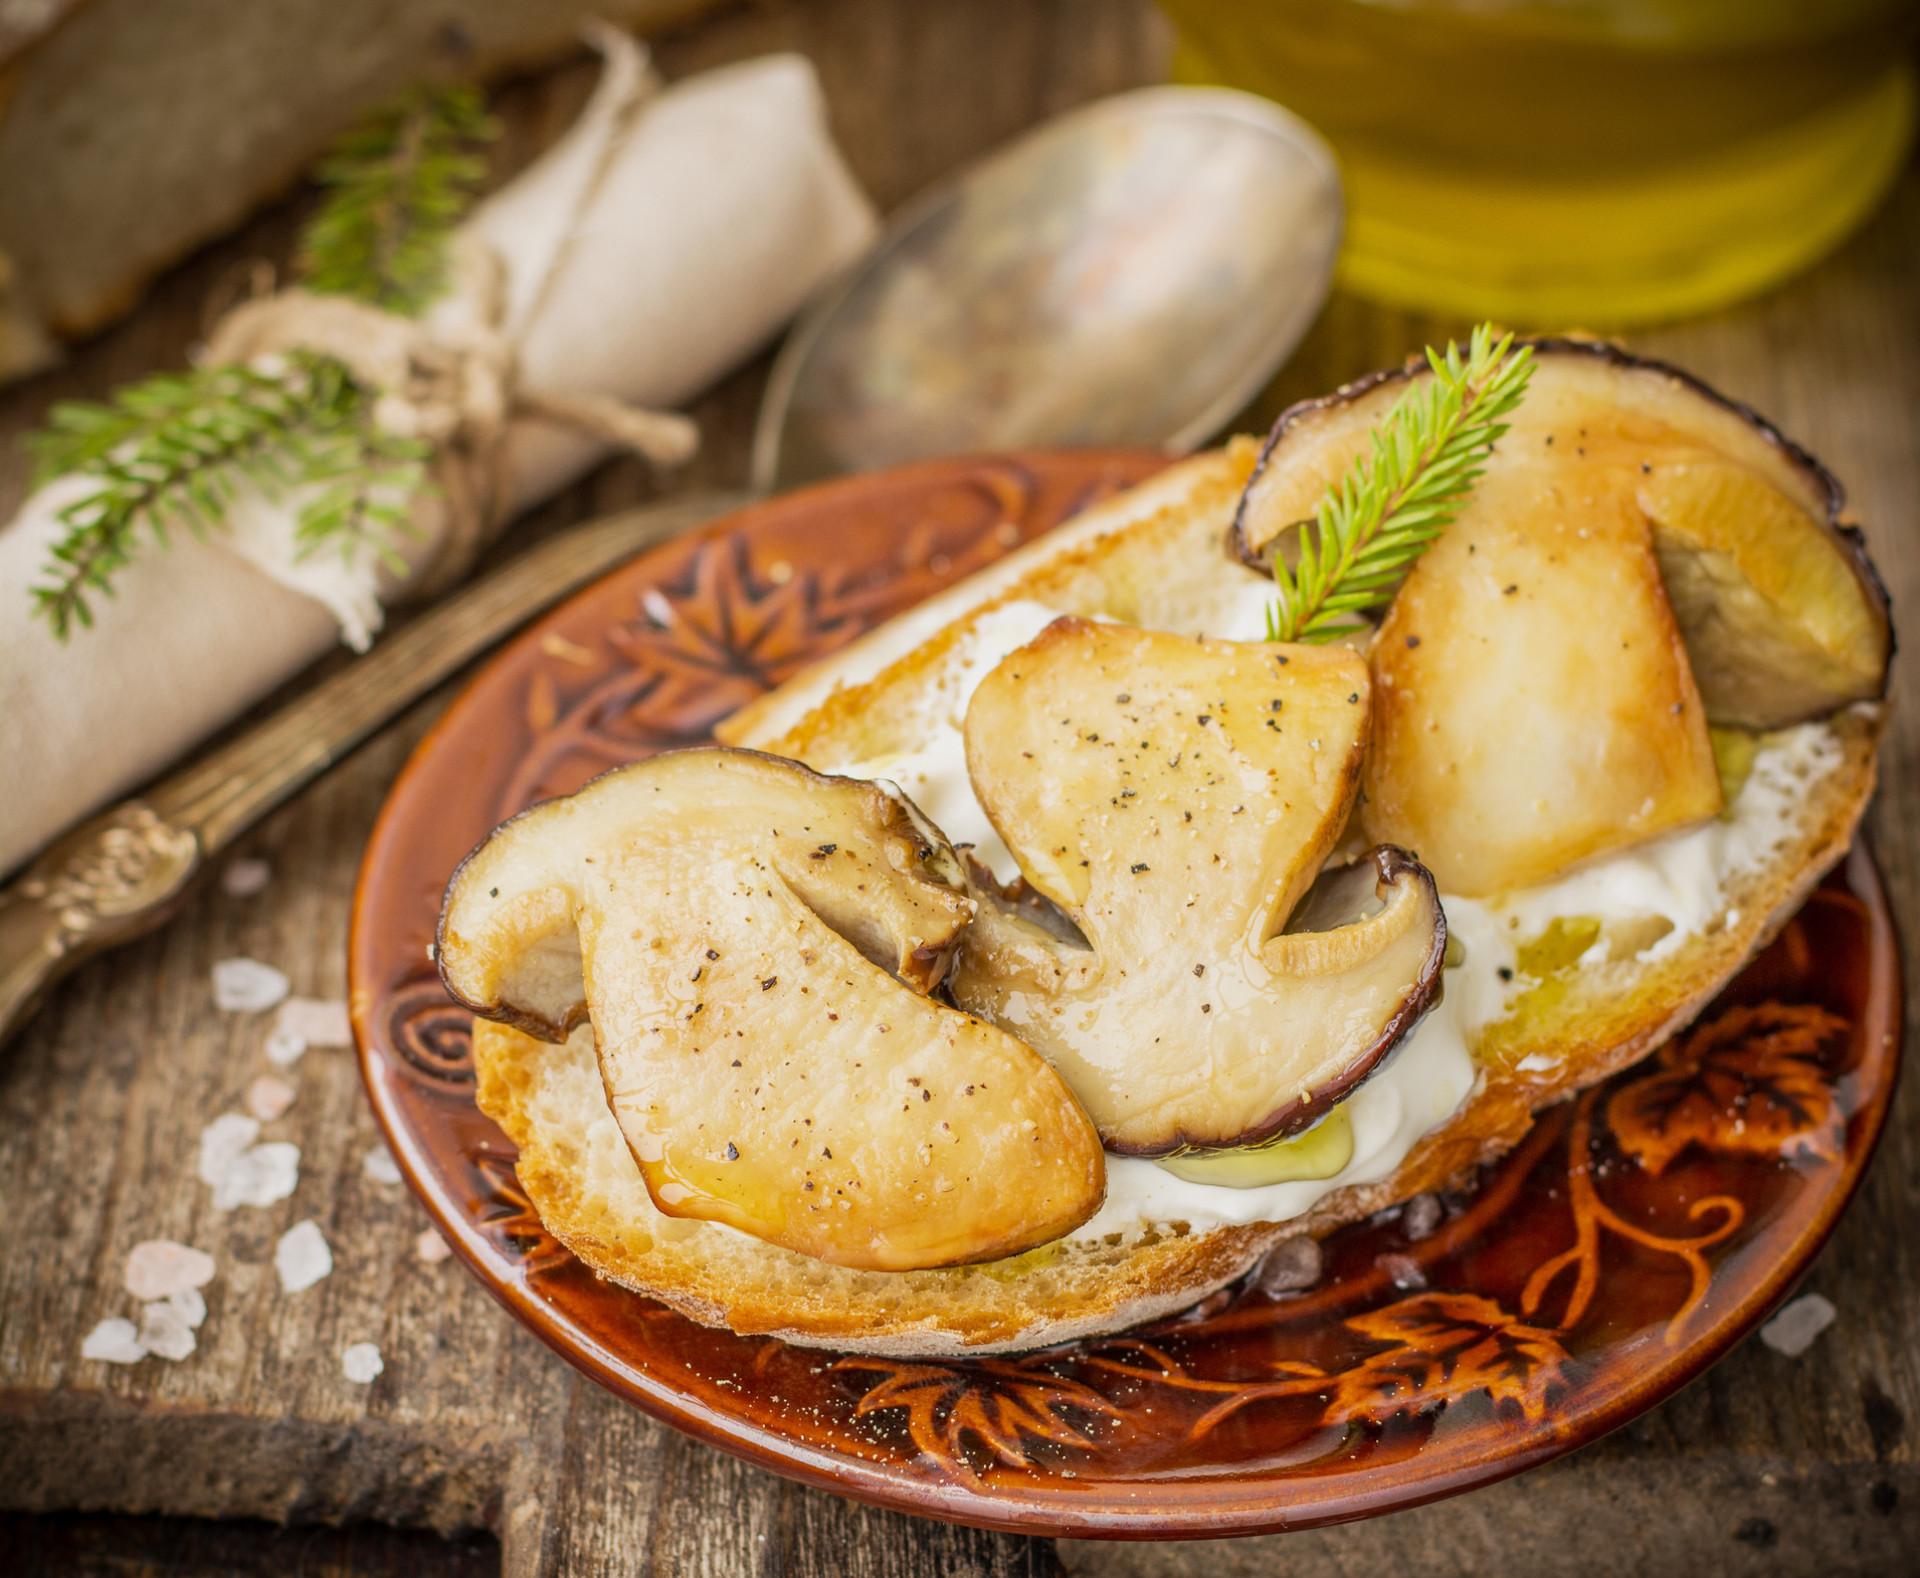 'Amore mio'. Celebre o amor com a mais deliciosa comida italiana